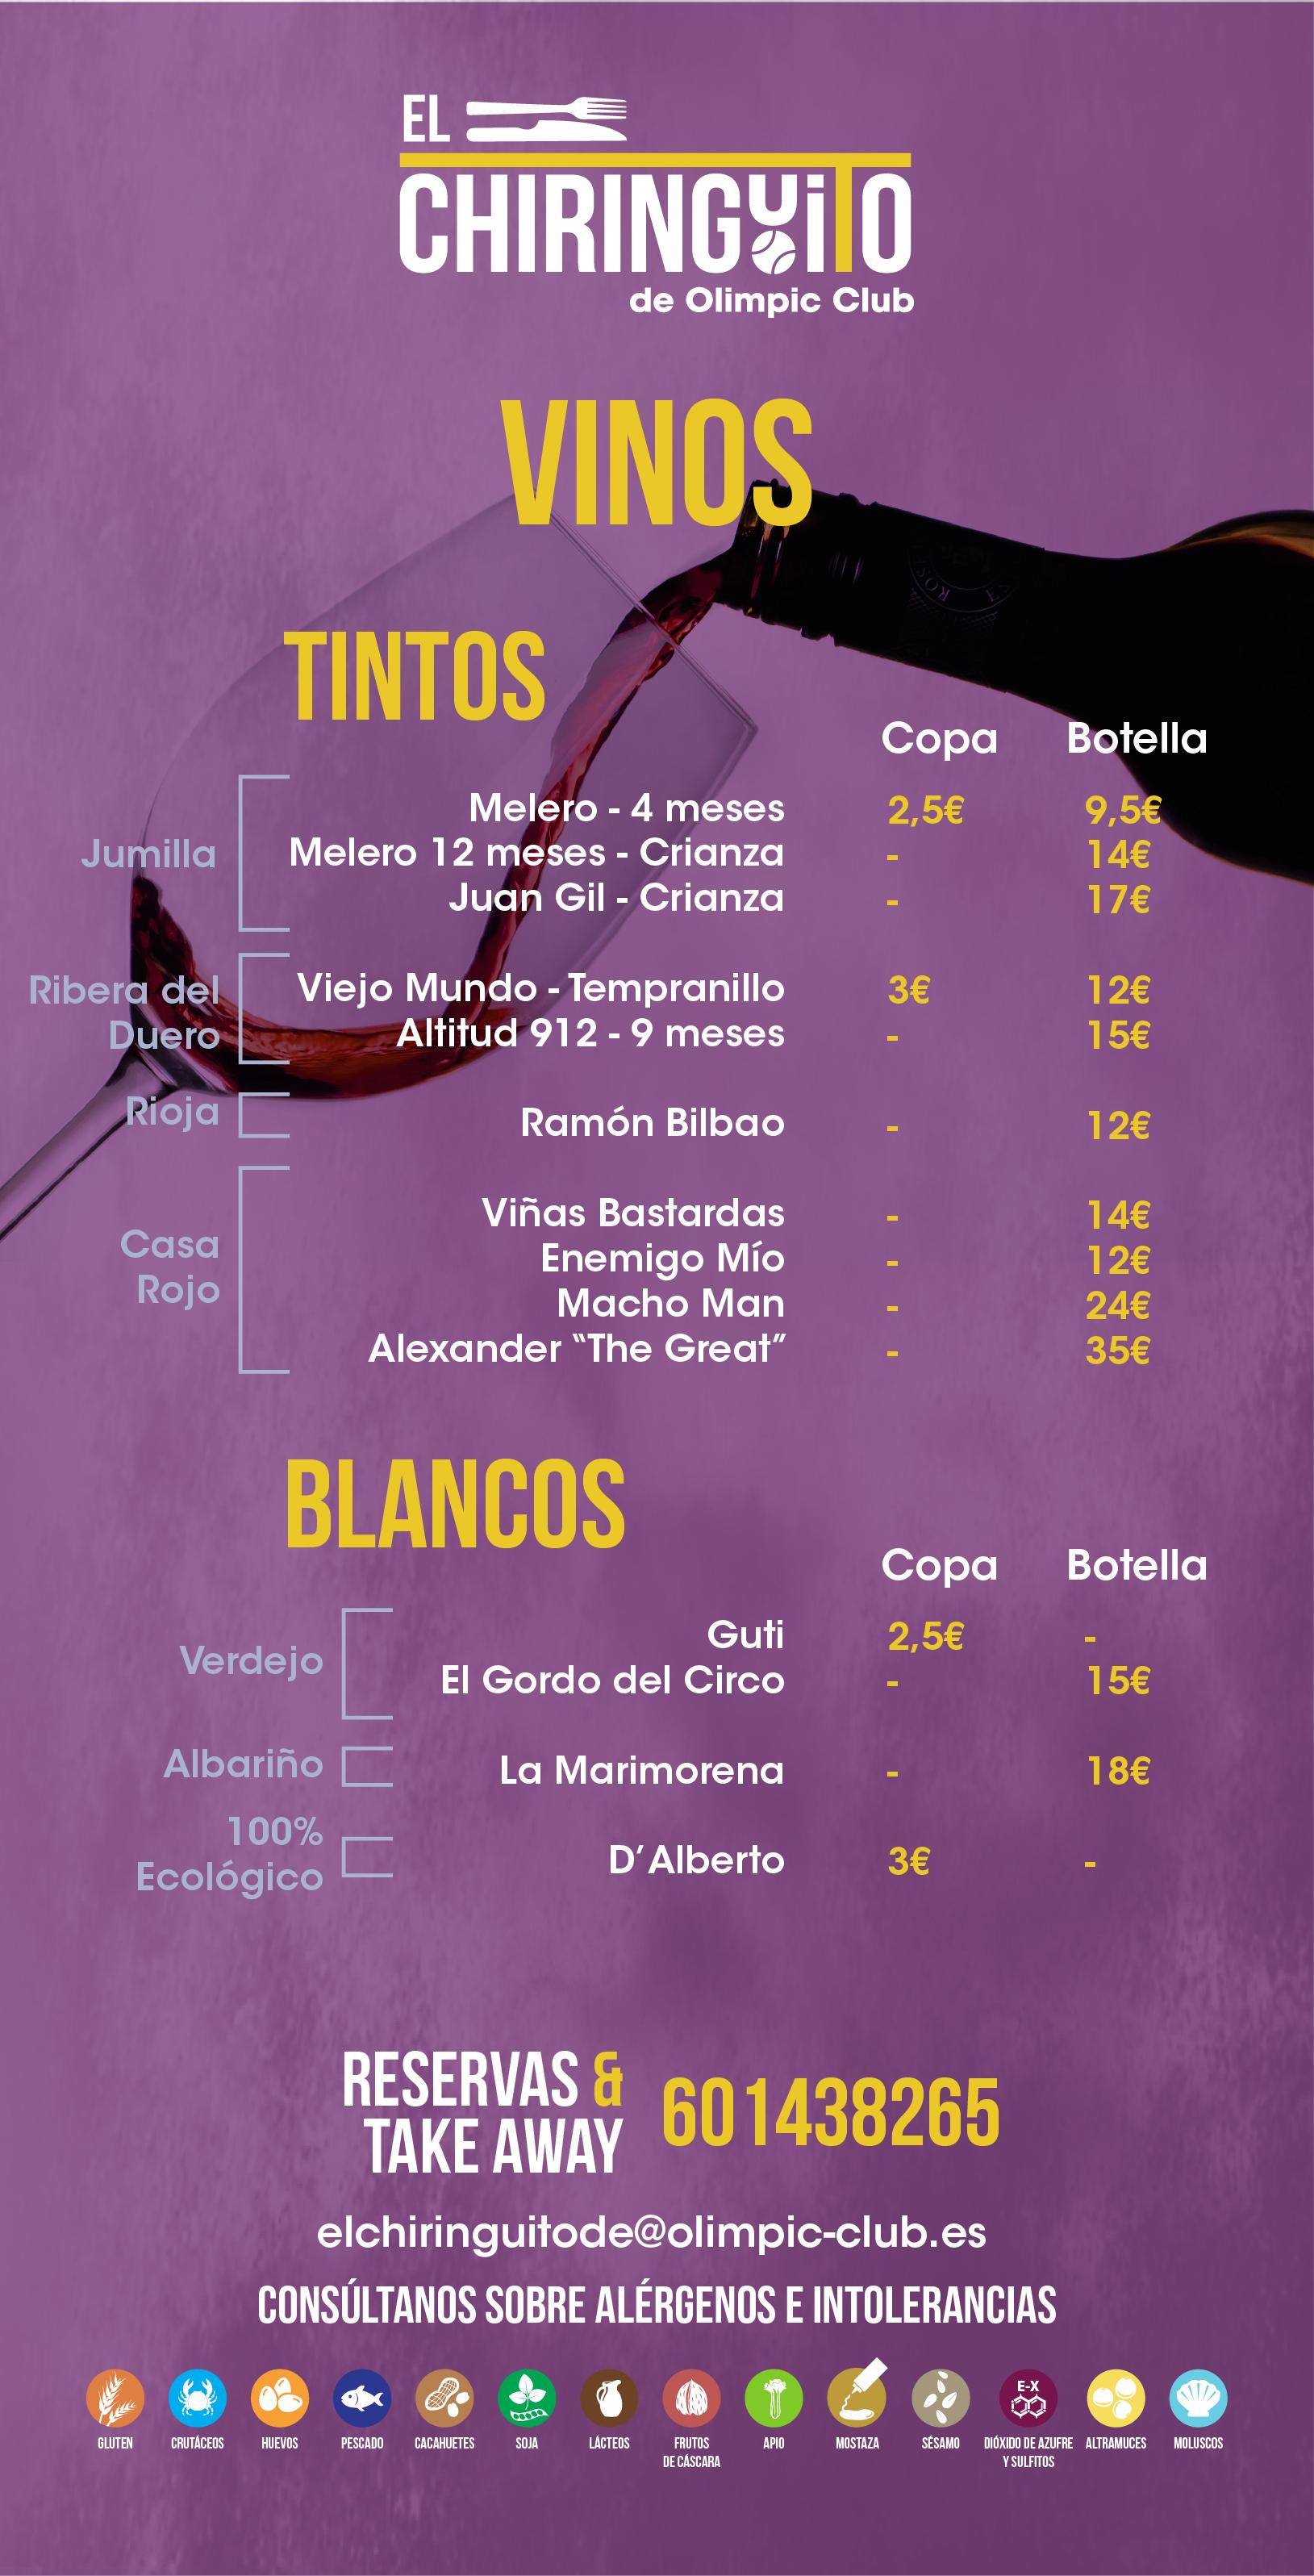 Carta vinos ElChiringuito de Olimpic Club